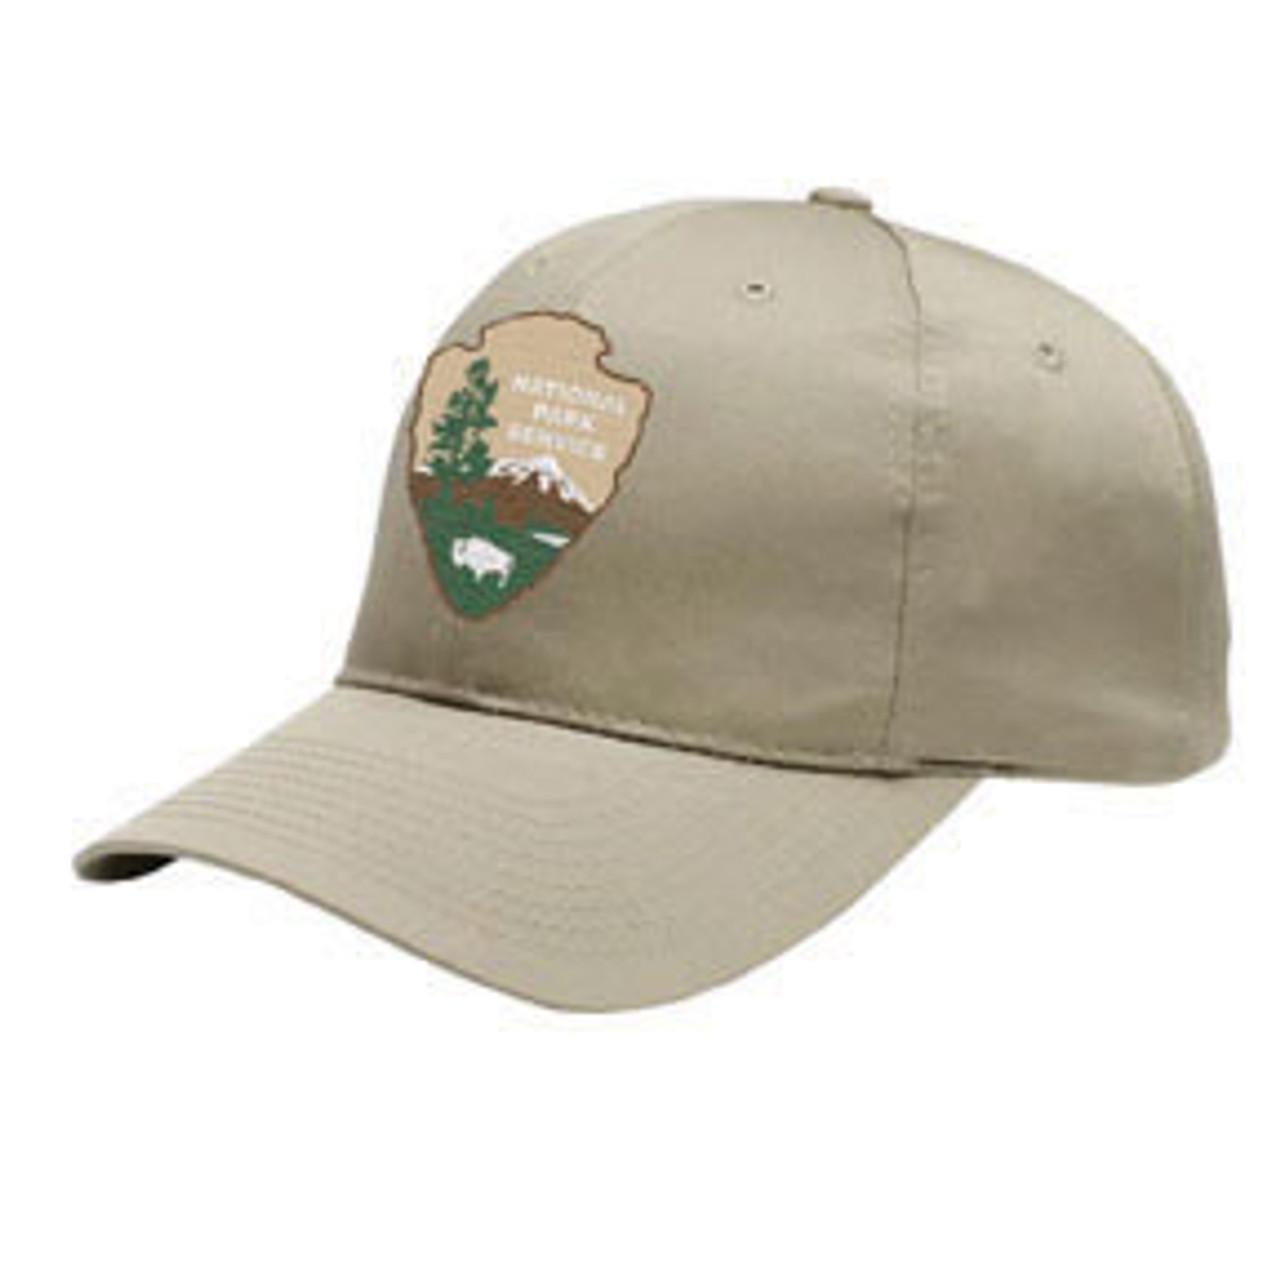 National Park Service Cap